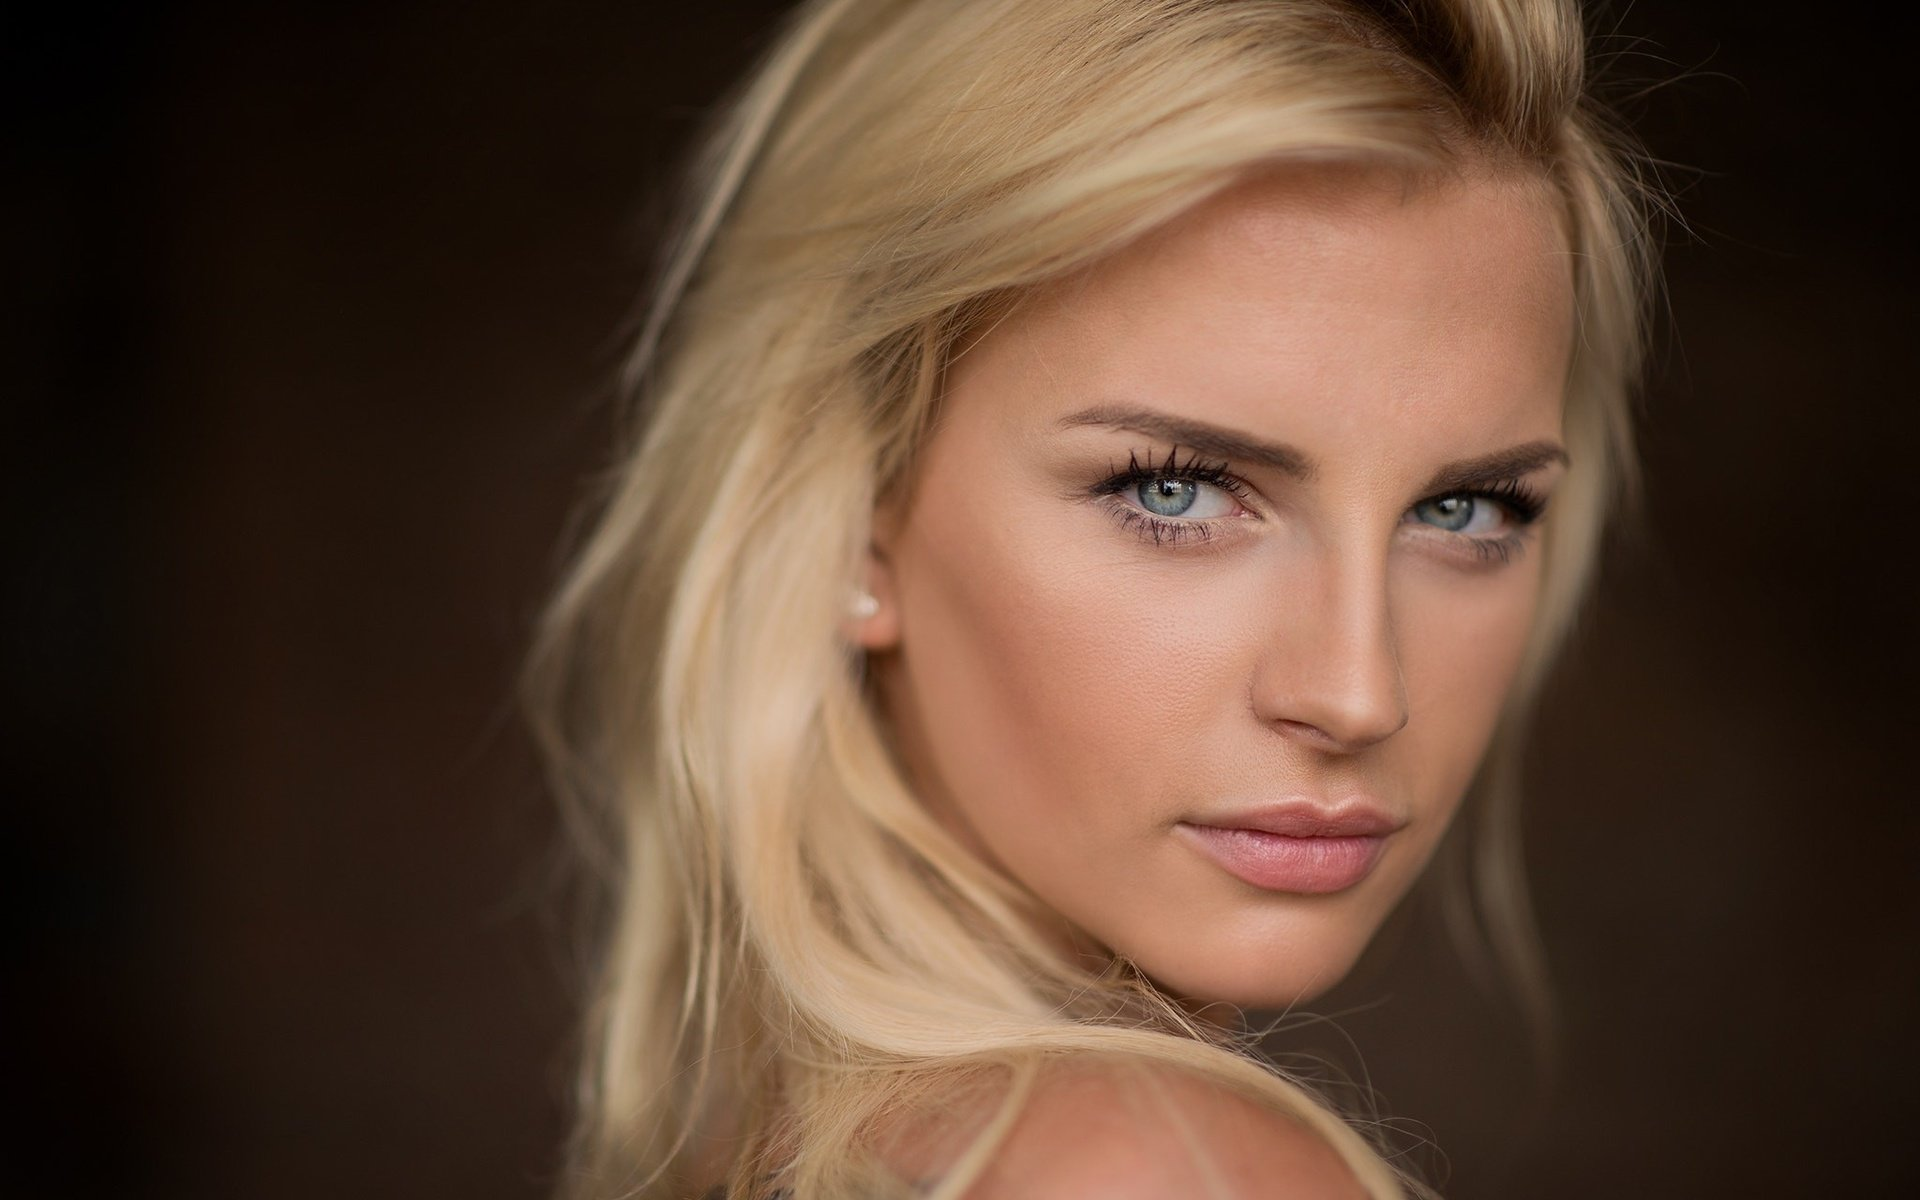 девушка взгляд лицо блондинка бесплатно